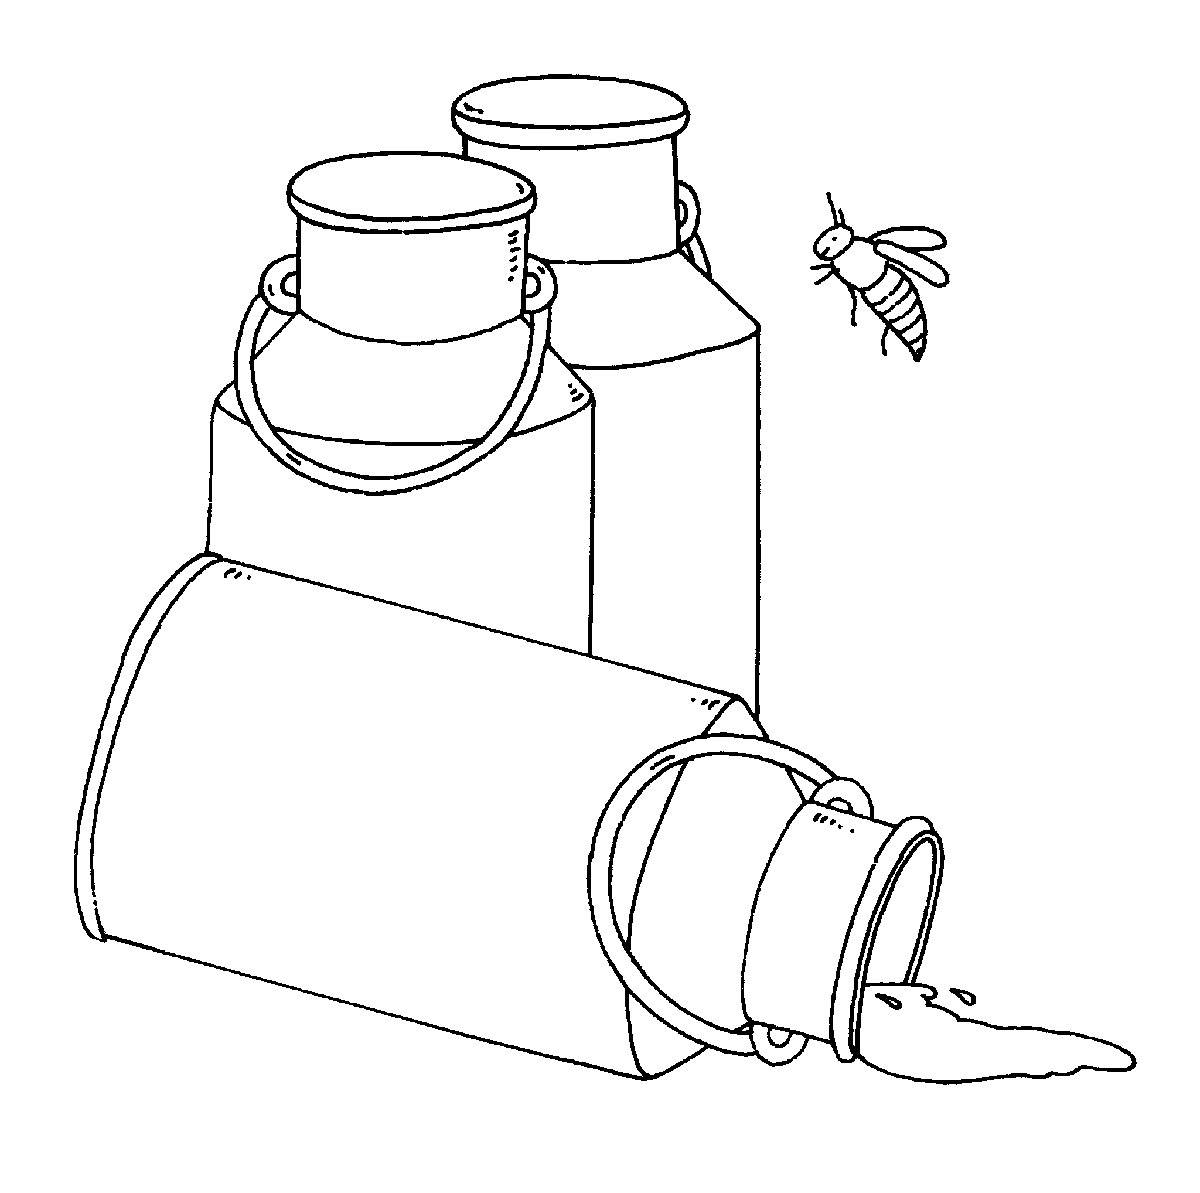 Ausmalbild Bauernhof: Milchkannen kostenlos ausdrucken